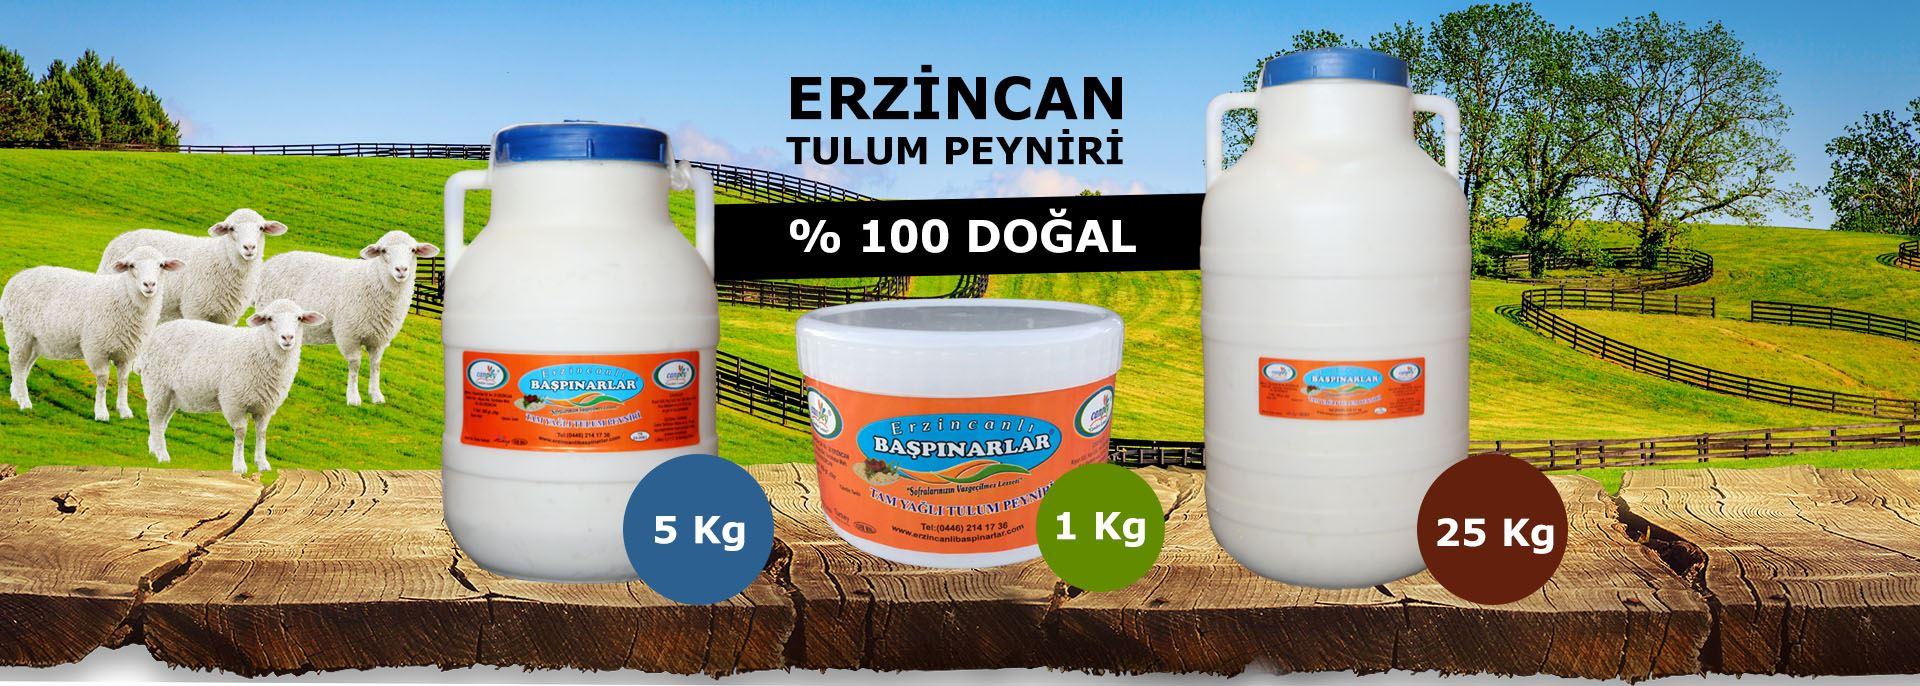 Photo of Erzincanlı Başpınarlar Tulum Peyniri